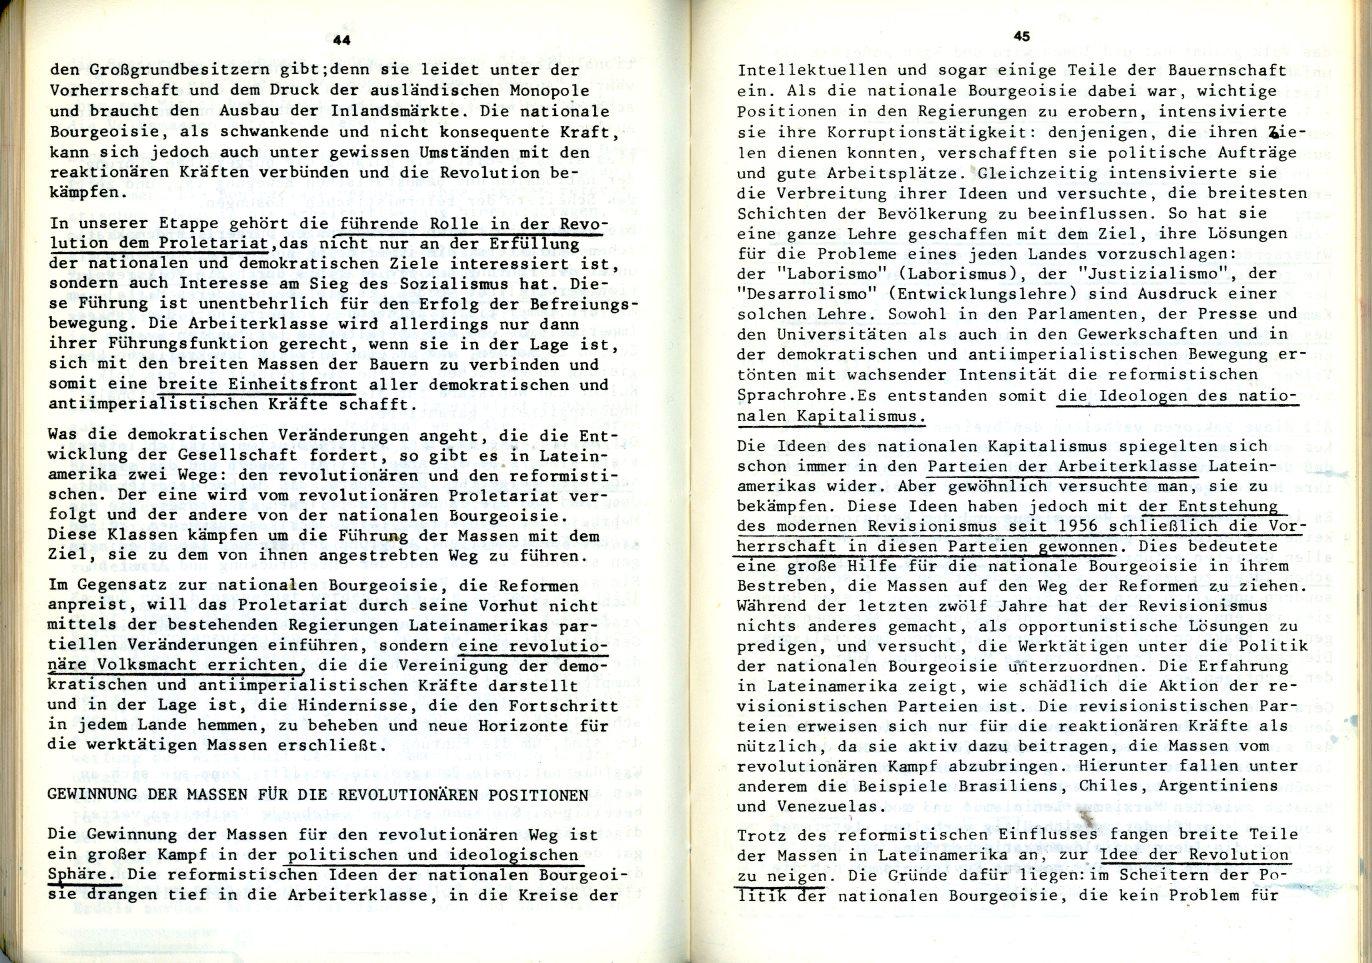 MLSK_Theorie_und_Praxis_des_ML_1978_20_31